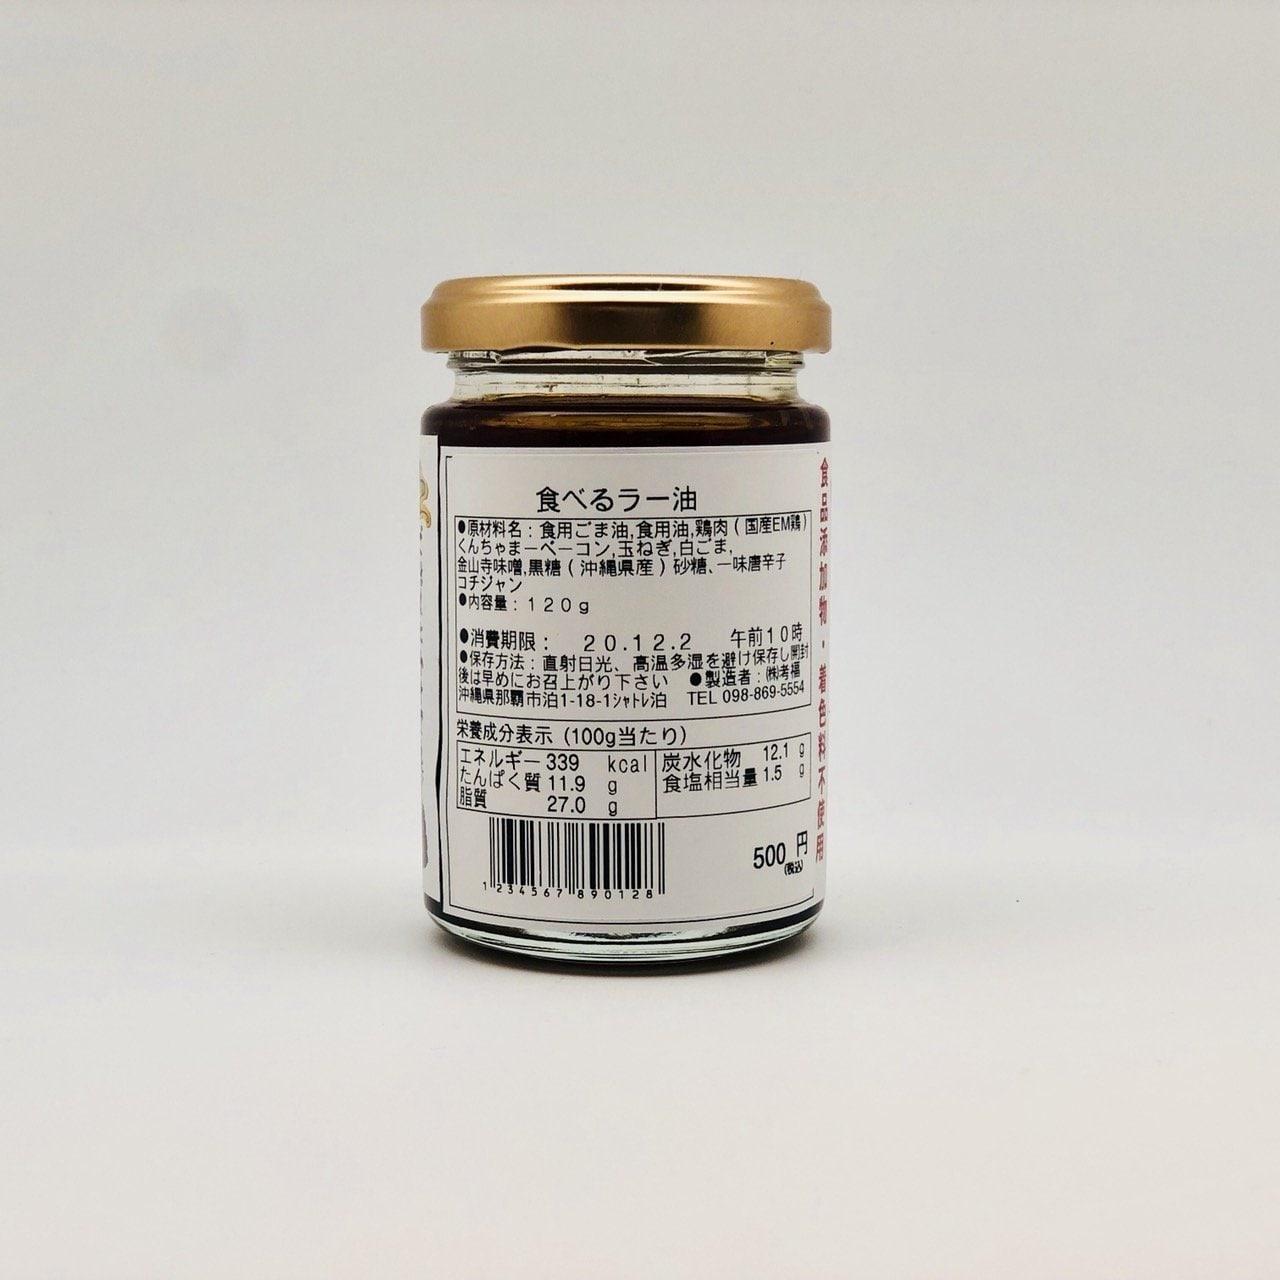 【現地払い限定】とりからたまごの食べるラー油のイメージその2